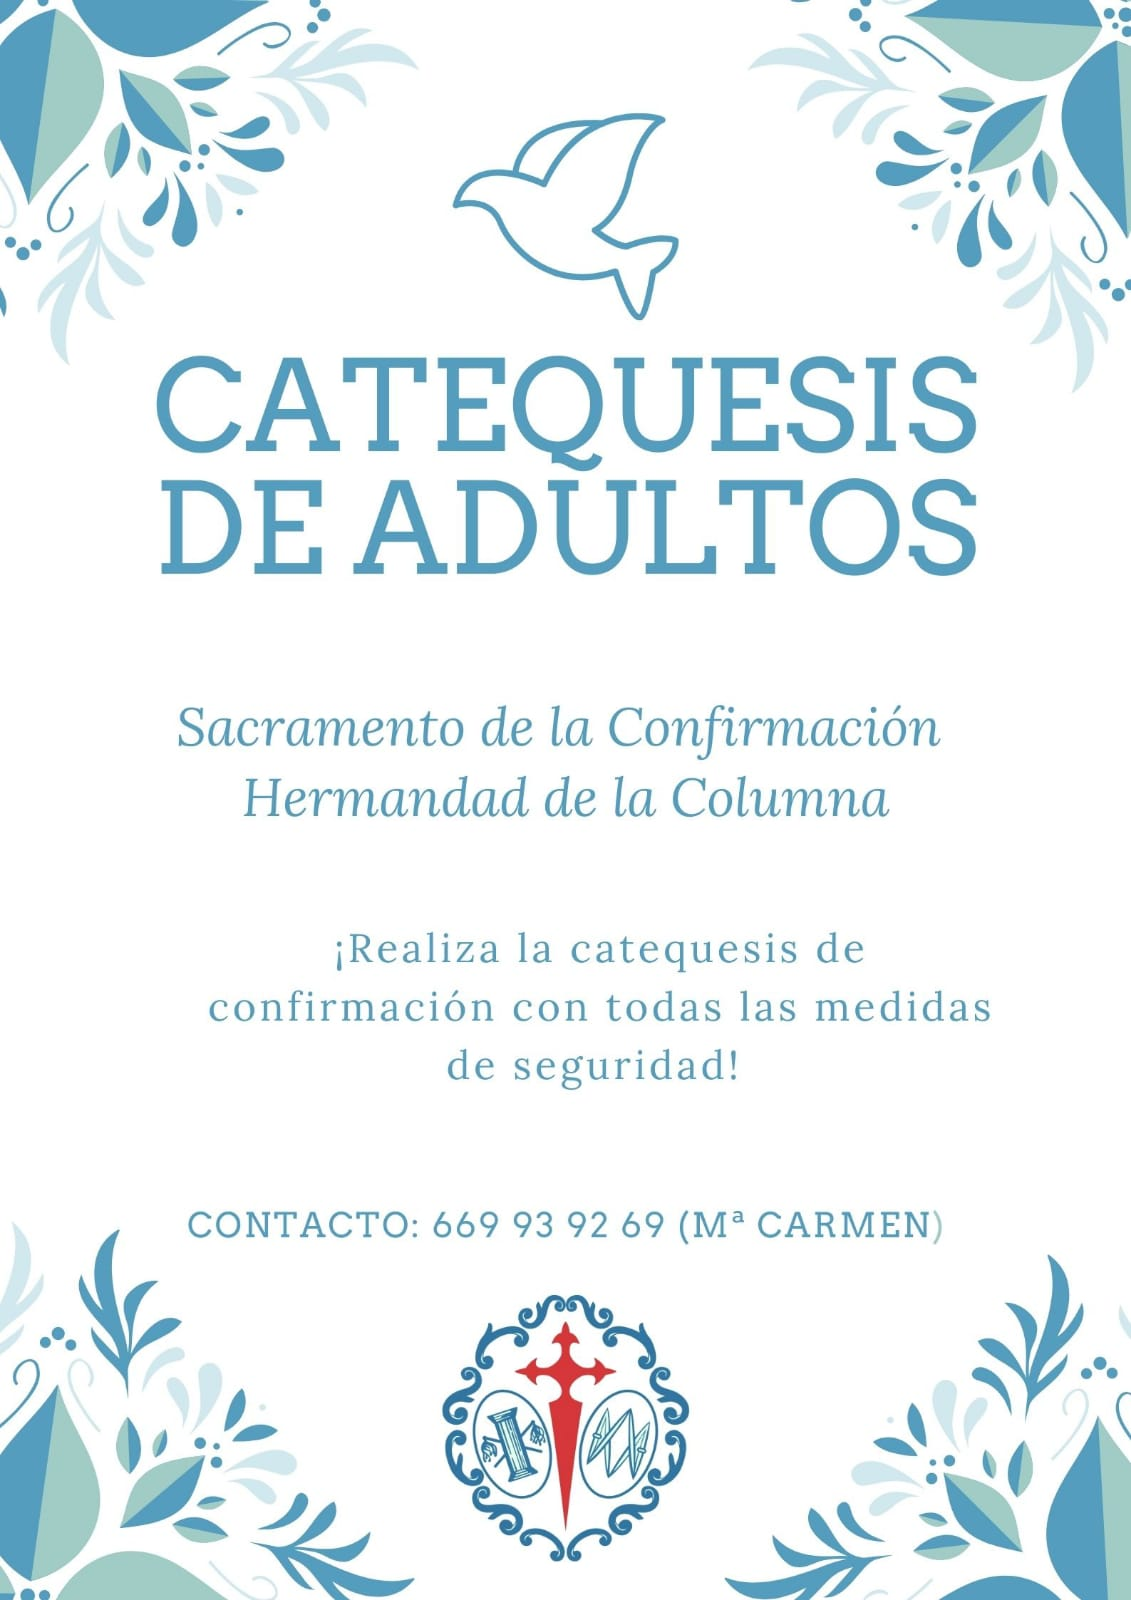 CATEQUESIS DE ADULTOS 2020/21